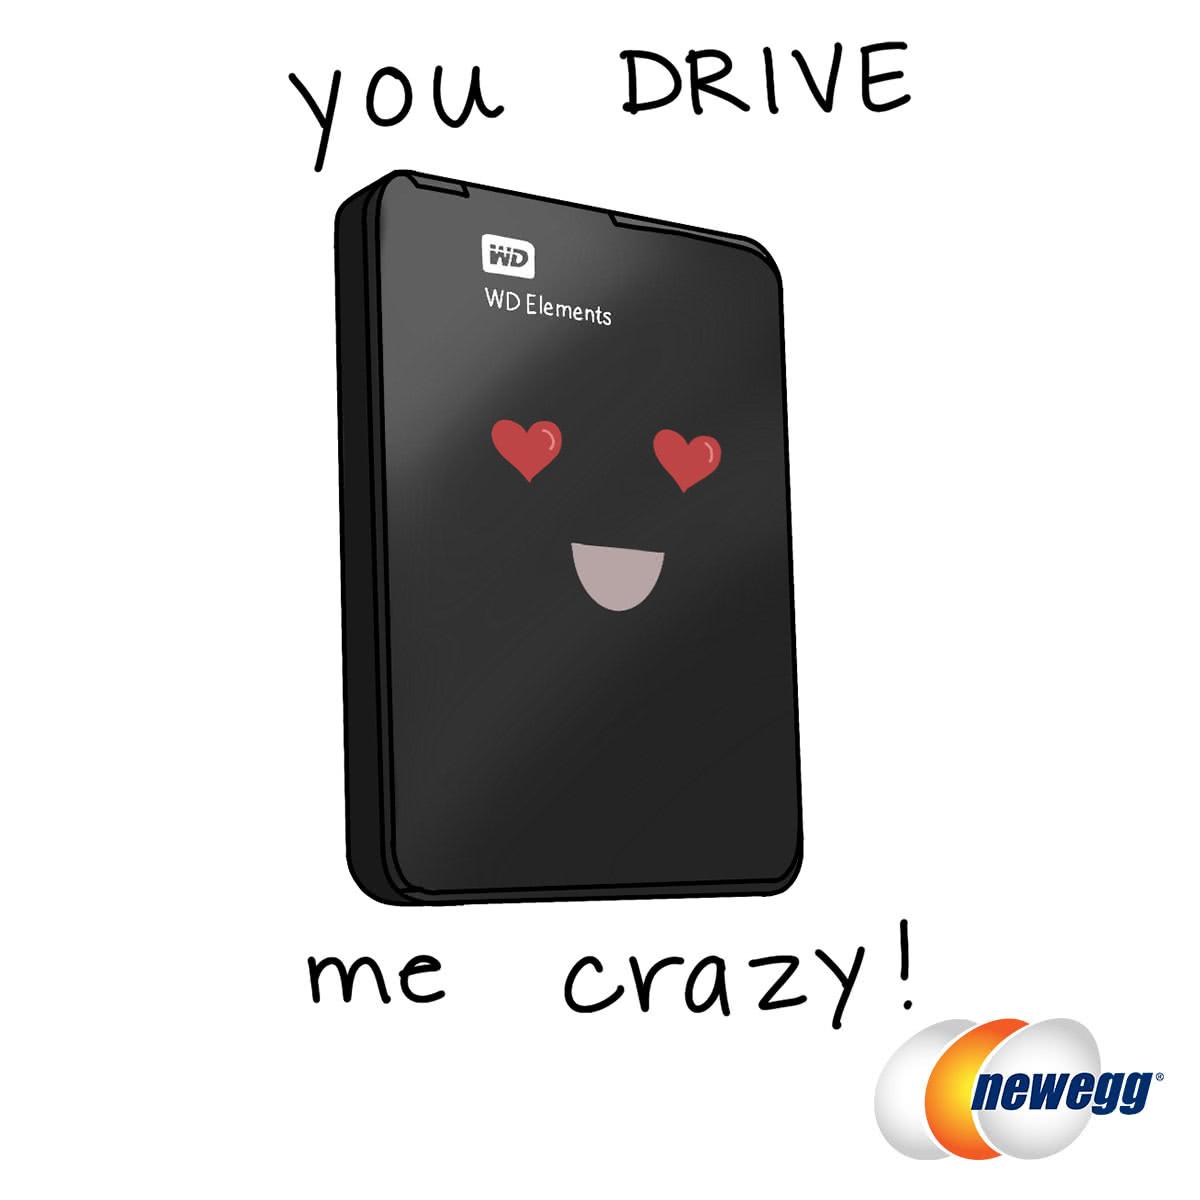 You Drive Me Crazy!